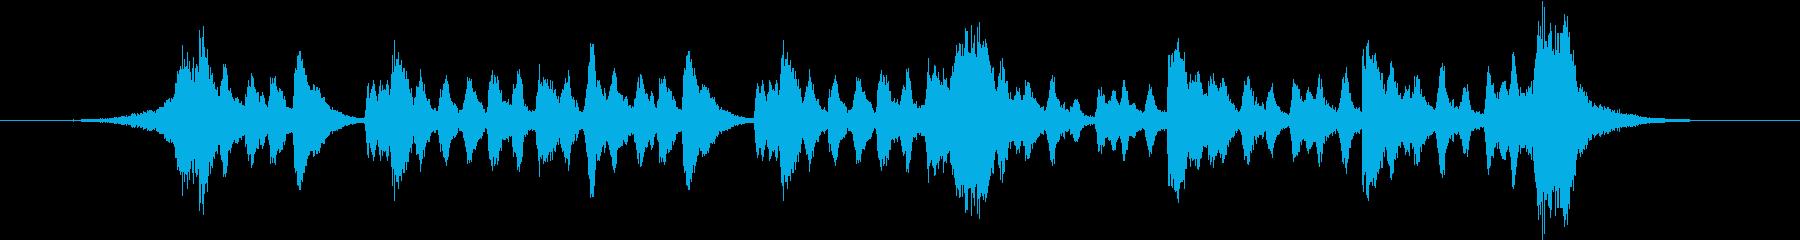 皇帝の闘いのテーマ(皇帝登場!)の再生済みの波形